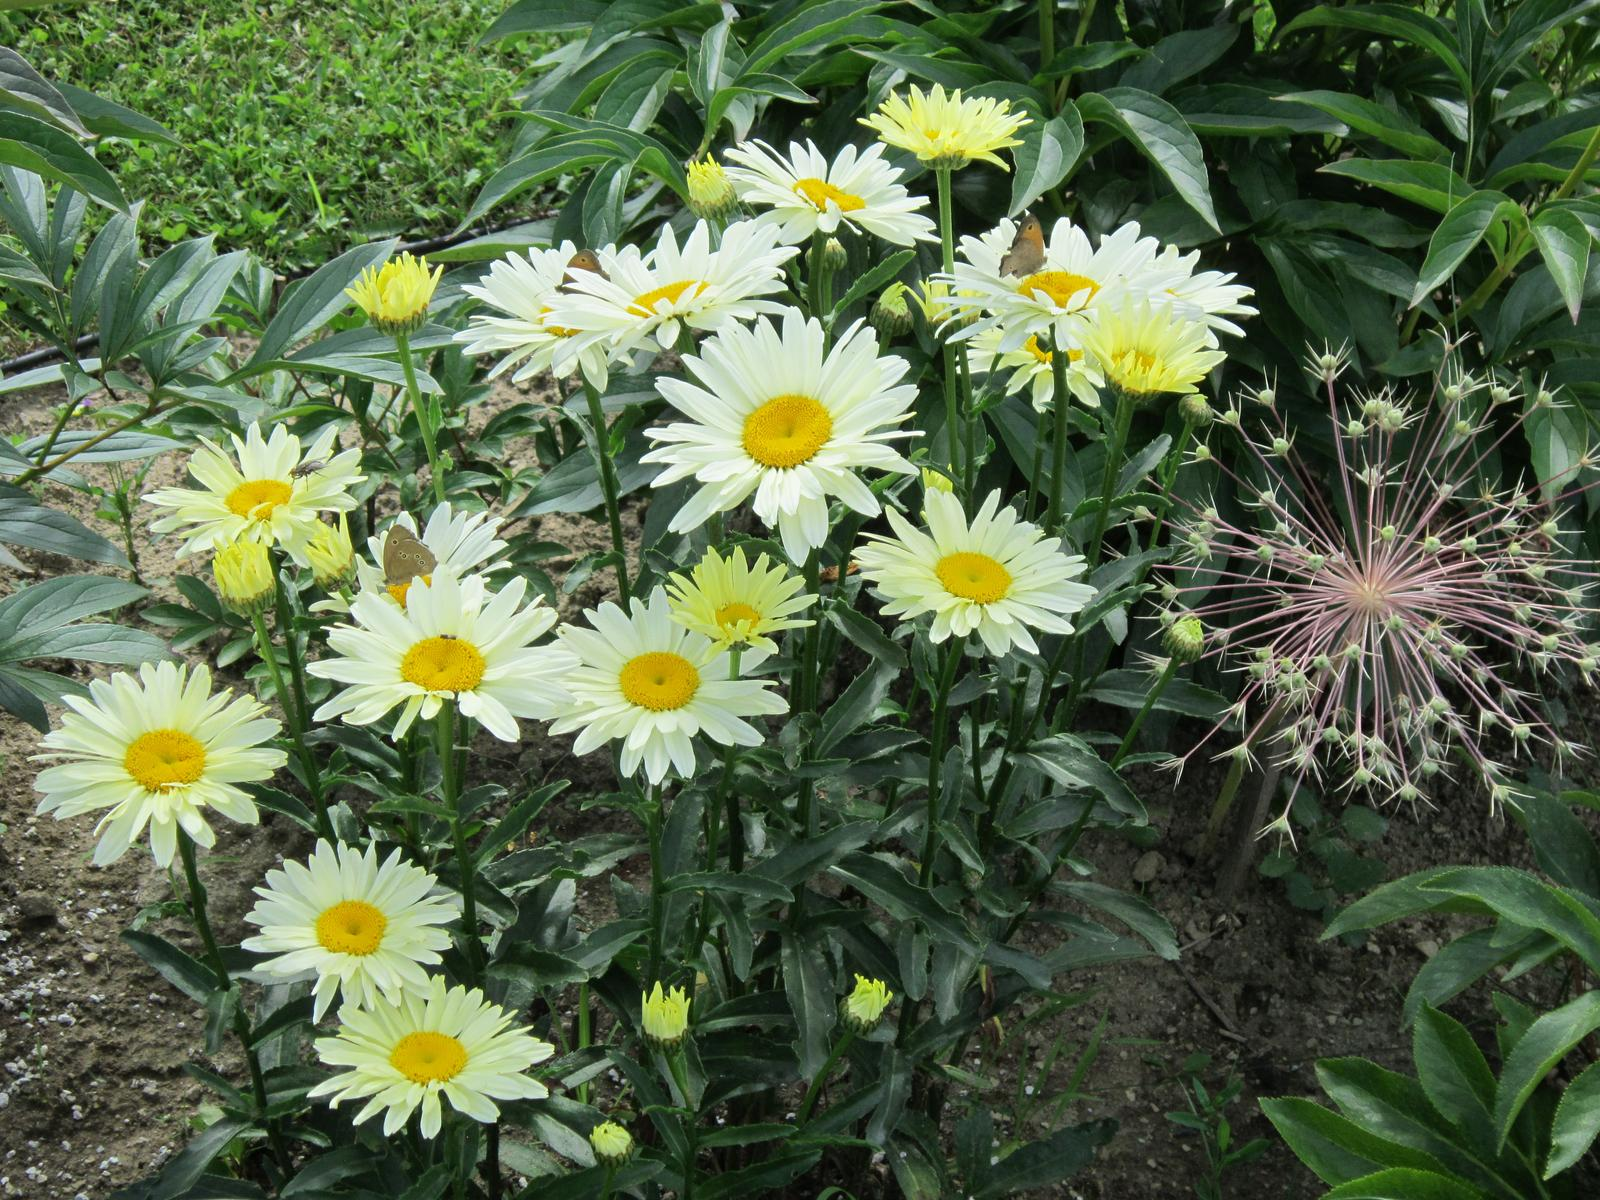 Pozvanie do našej jarnej záhrady - Žlté margarétky